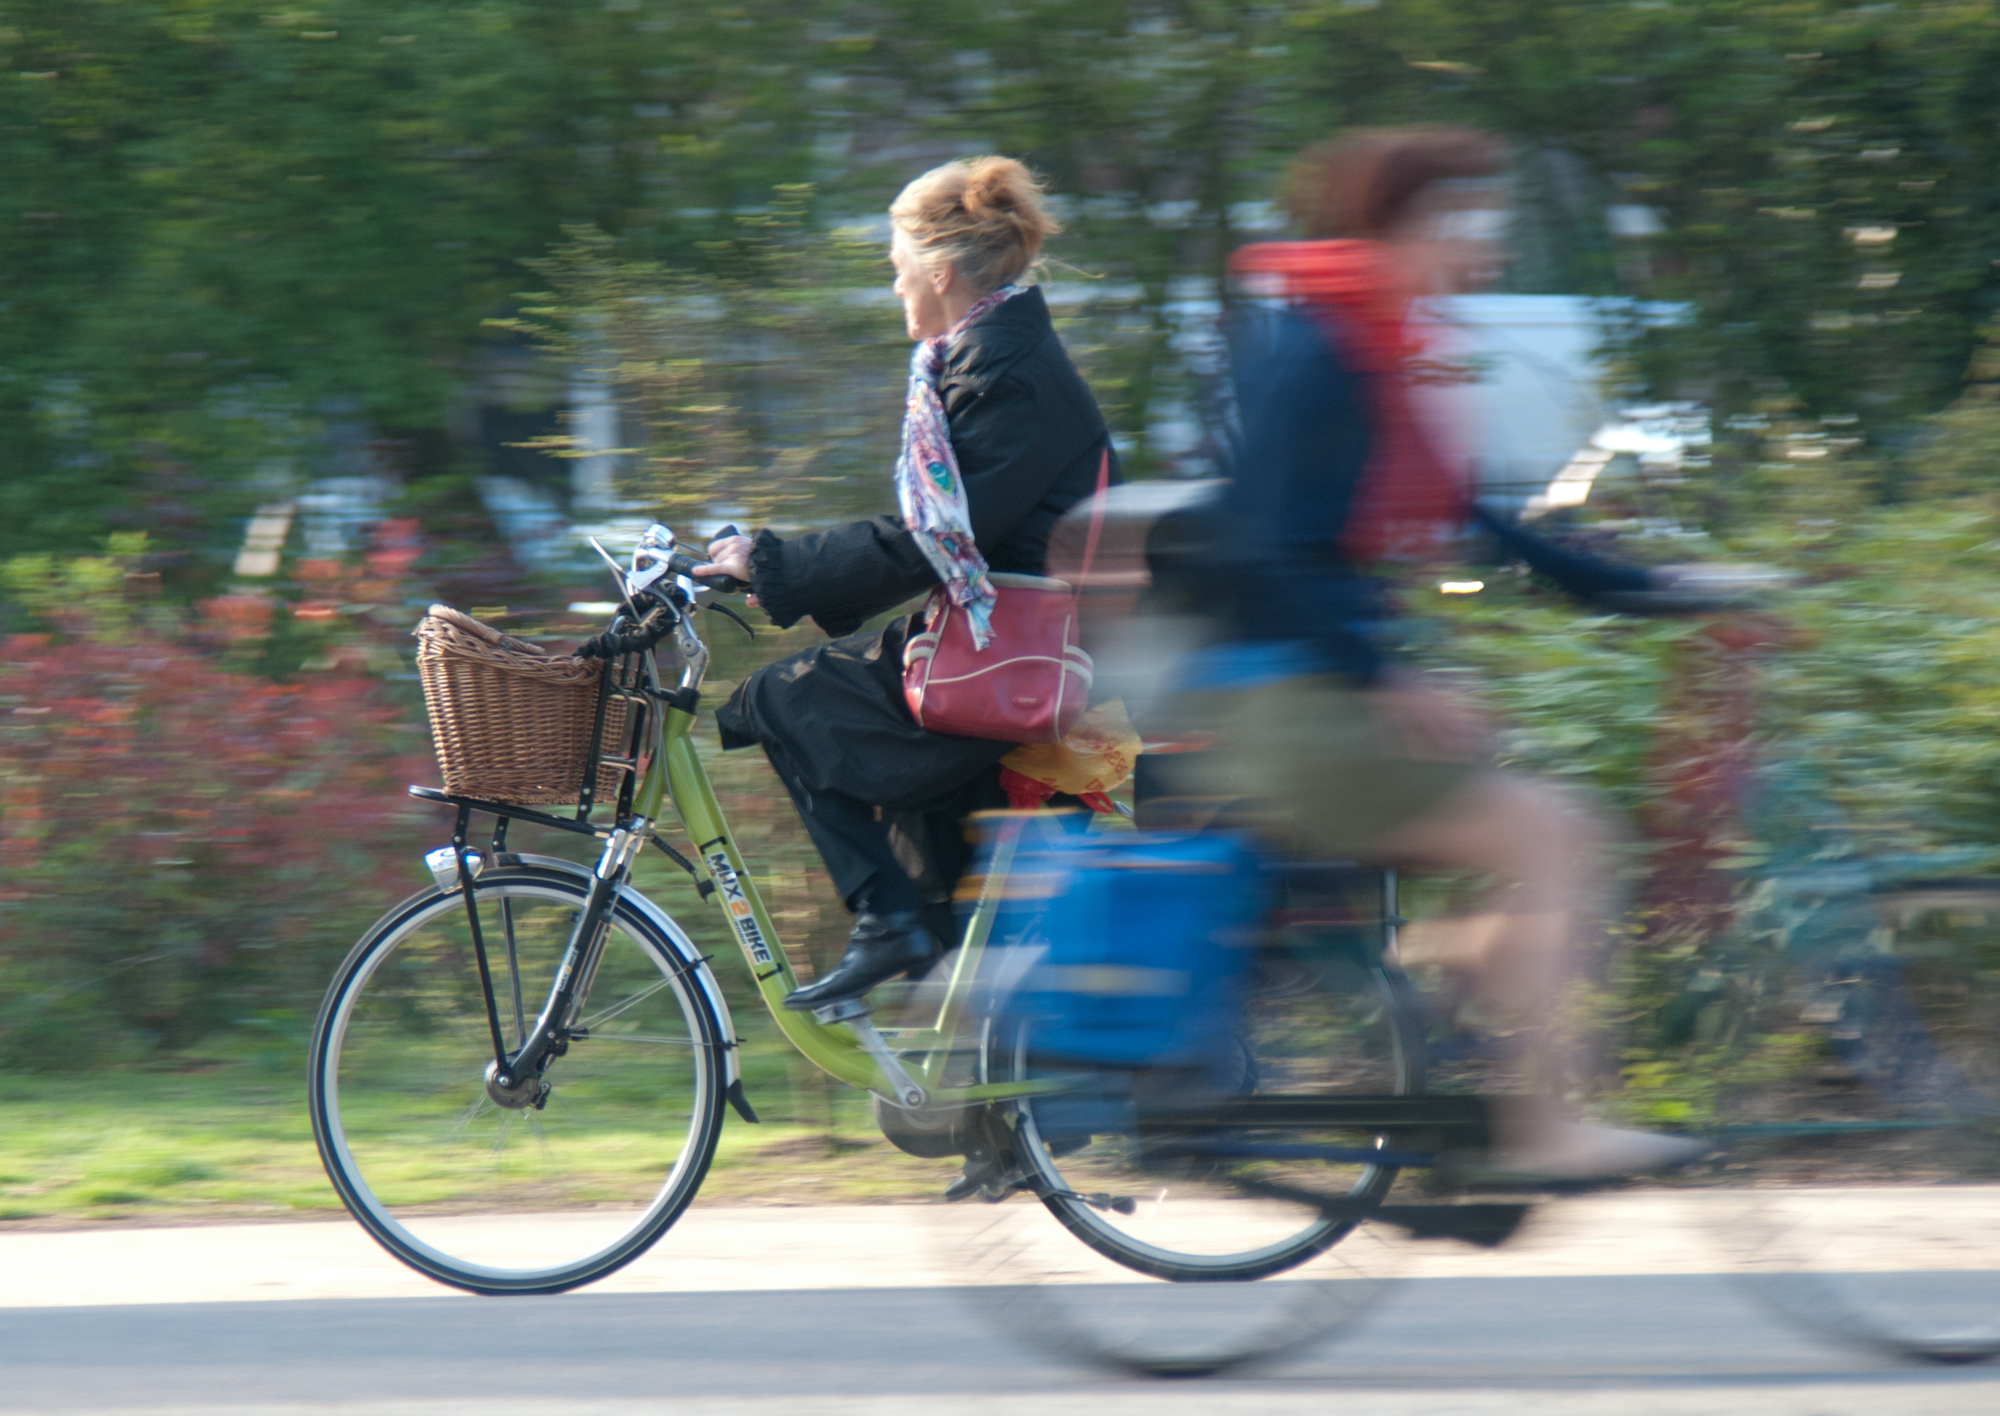 2011-04-17 25 Amsterdam - Vondelpark